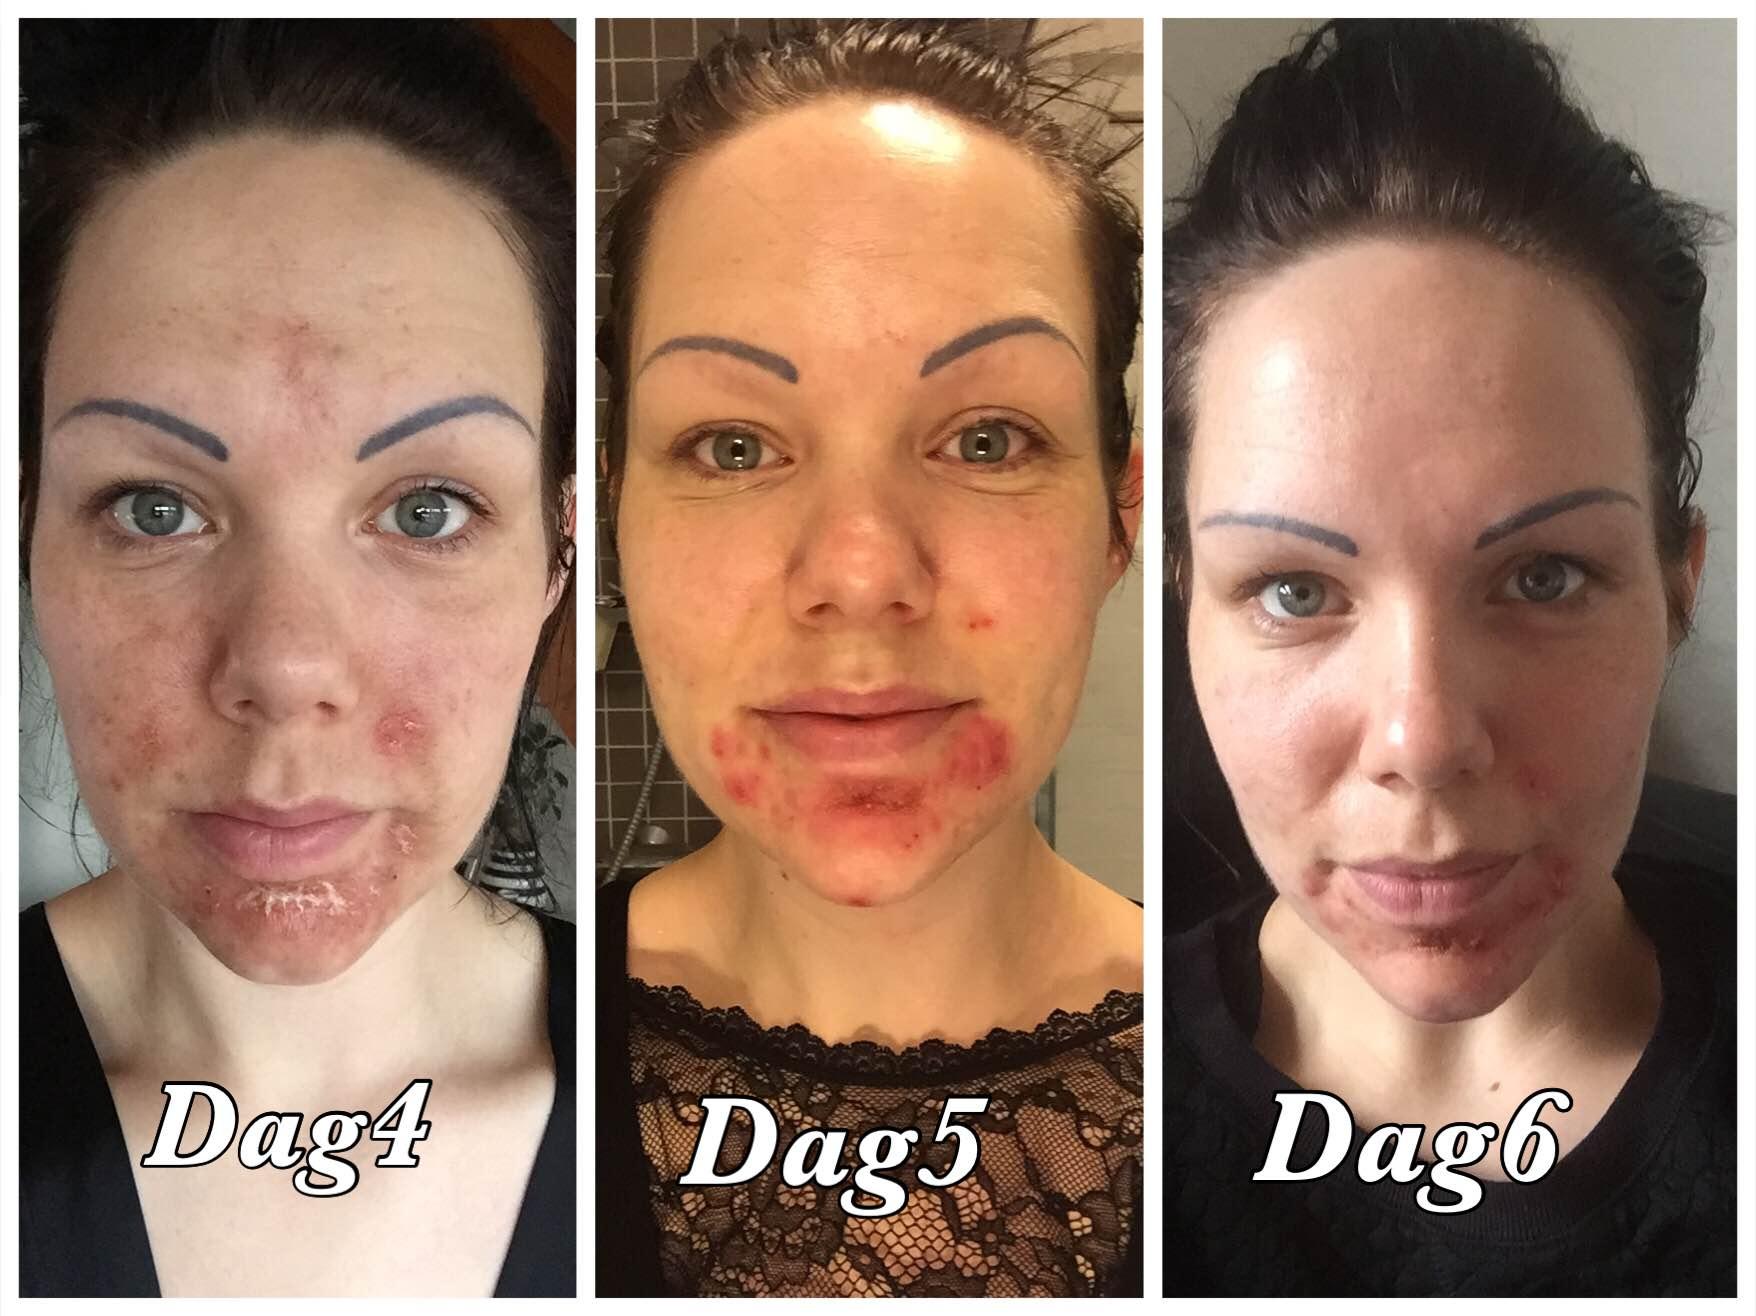 ekstrem tør hud i ansigtet